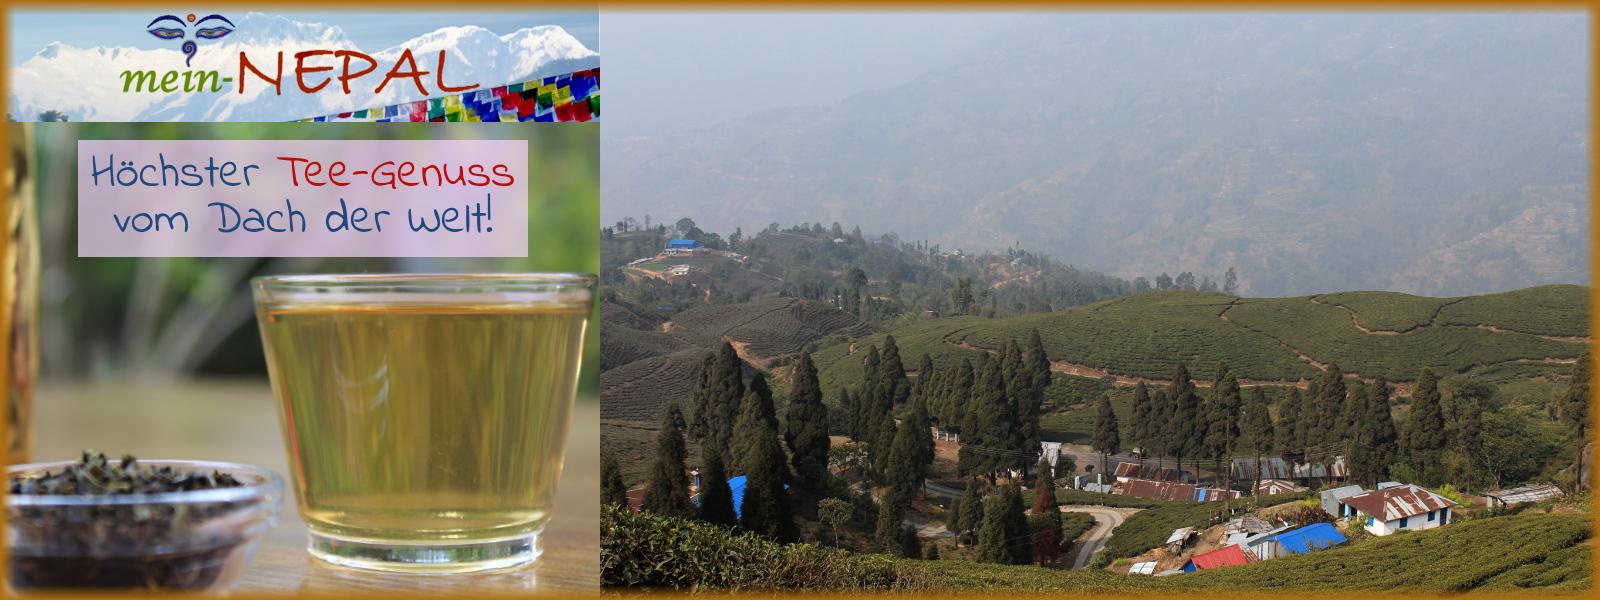 Höchsten Tee-Genuss findest Du im mein-Nepal Shop.